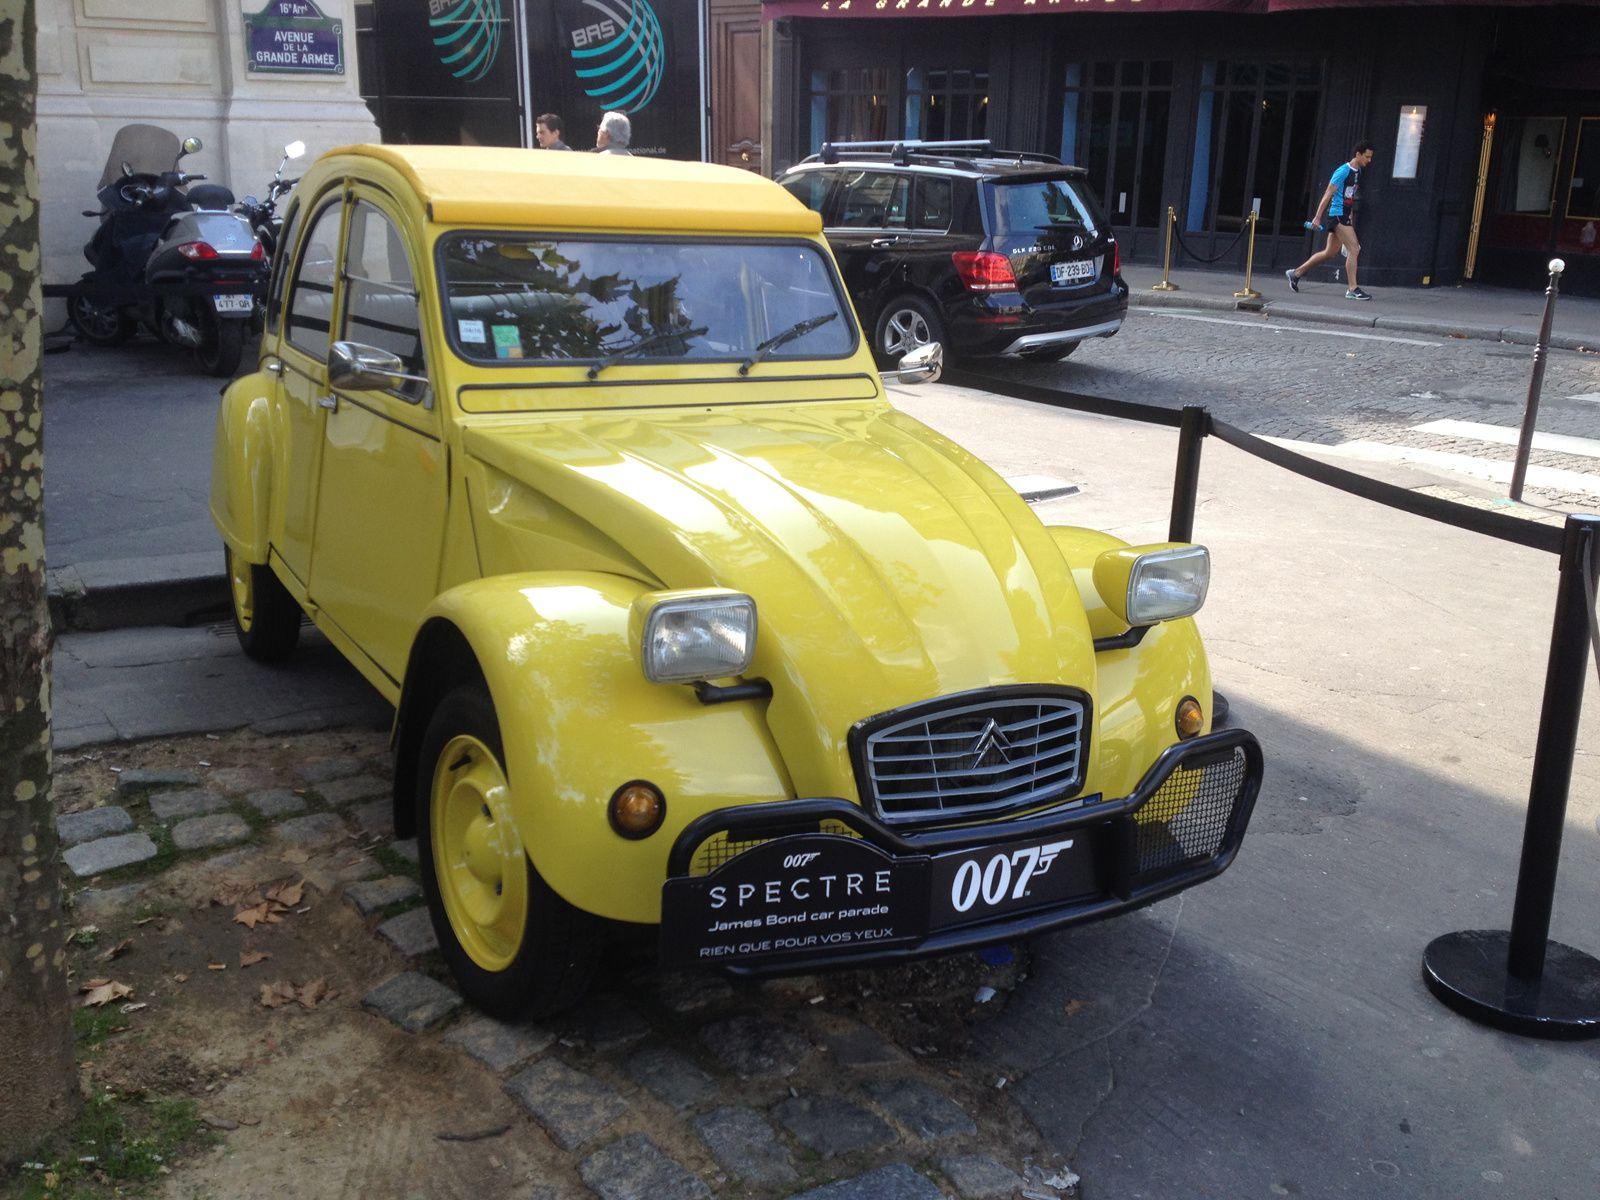 James Bond sur les Champs Elysées !